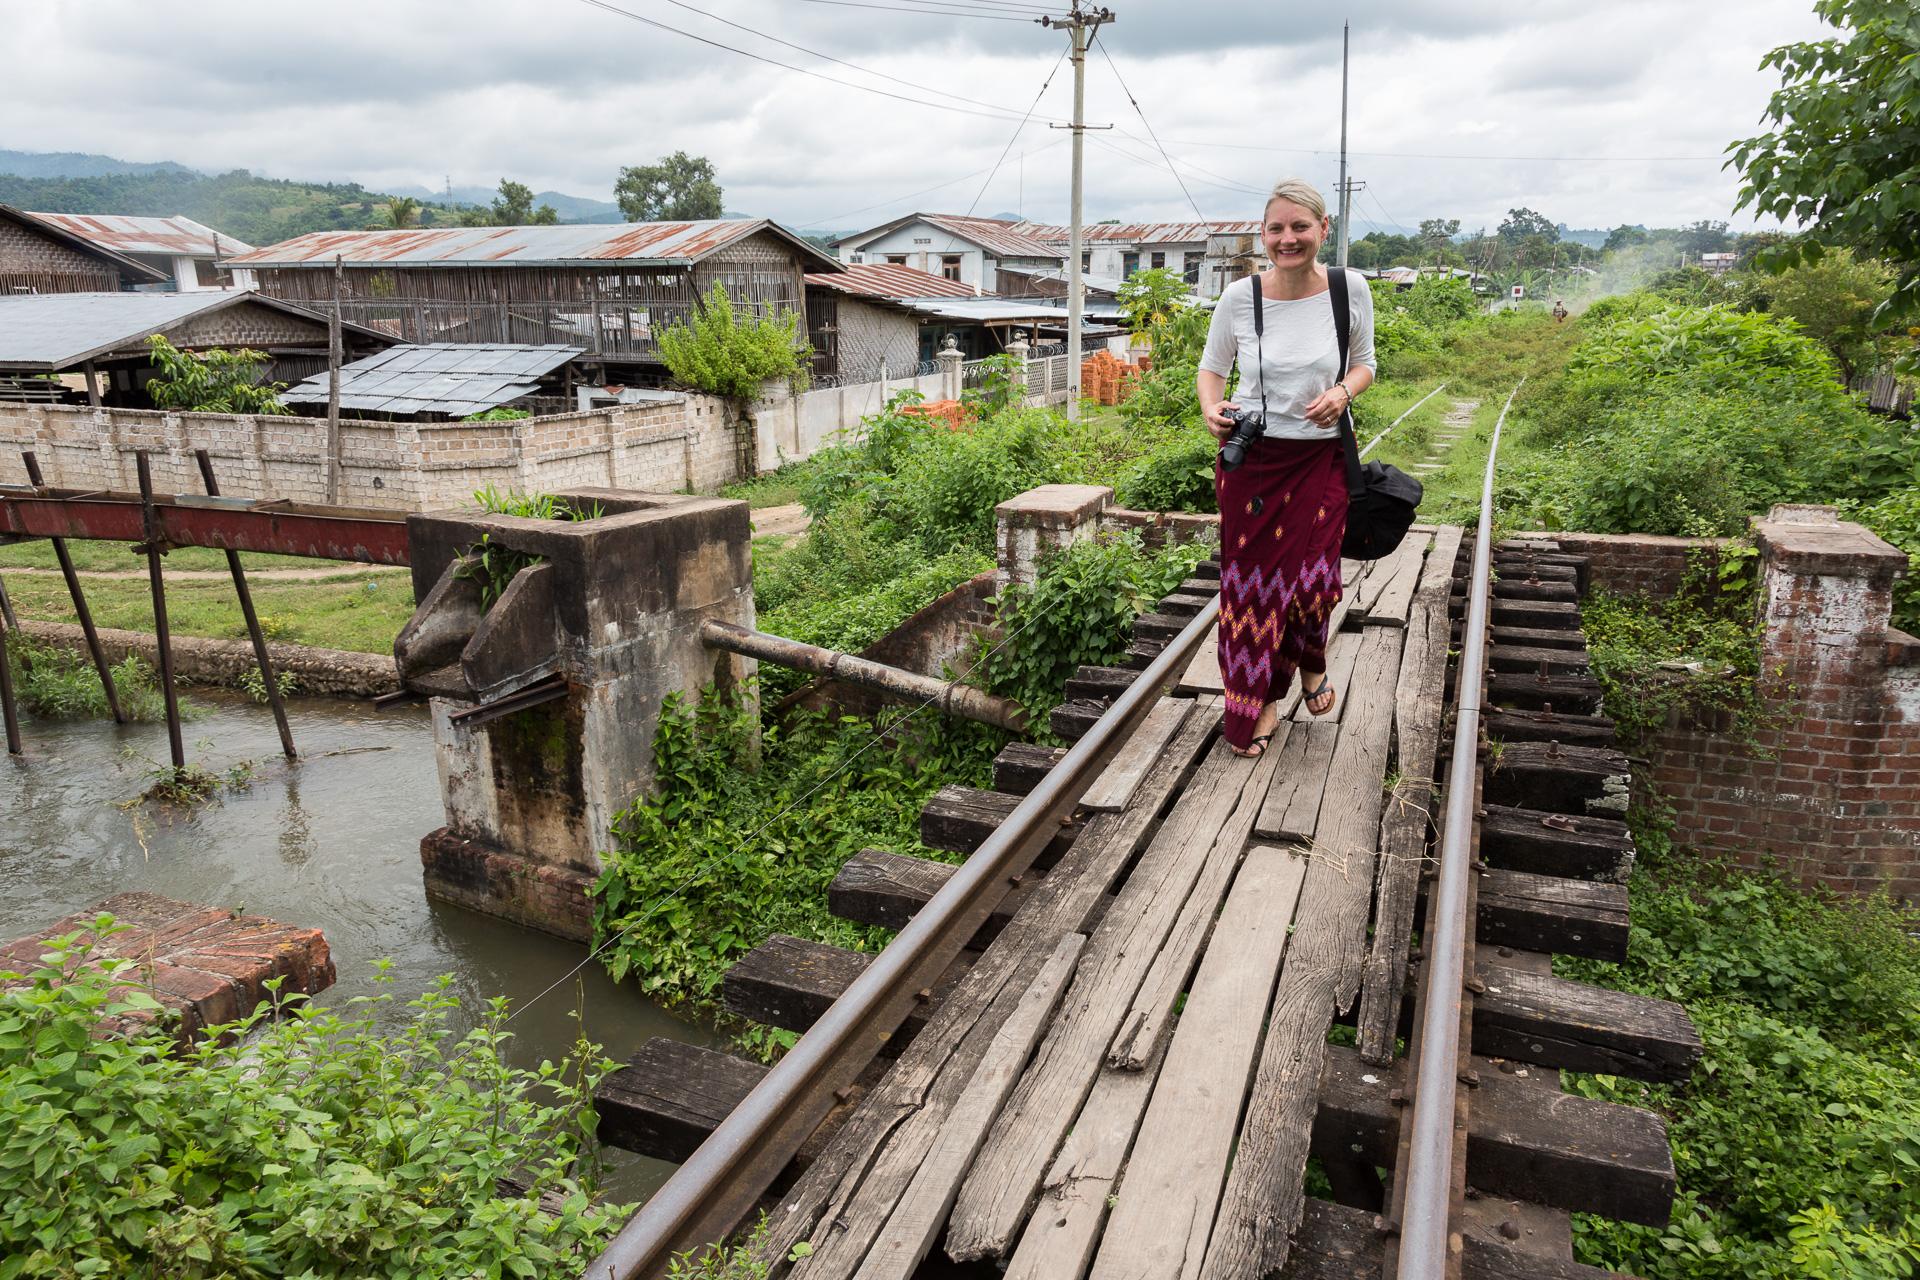 myanmar-reportage-wisckow-021.jpg